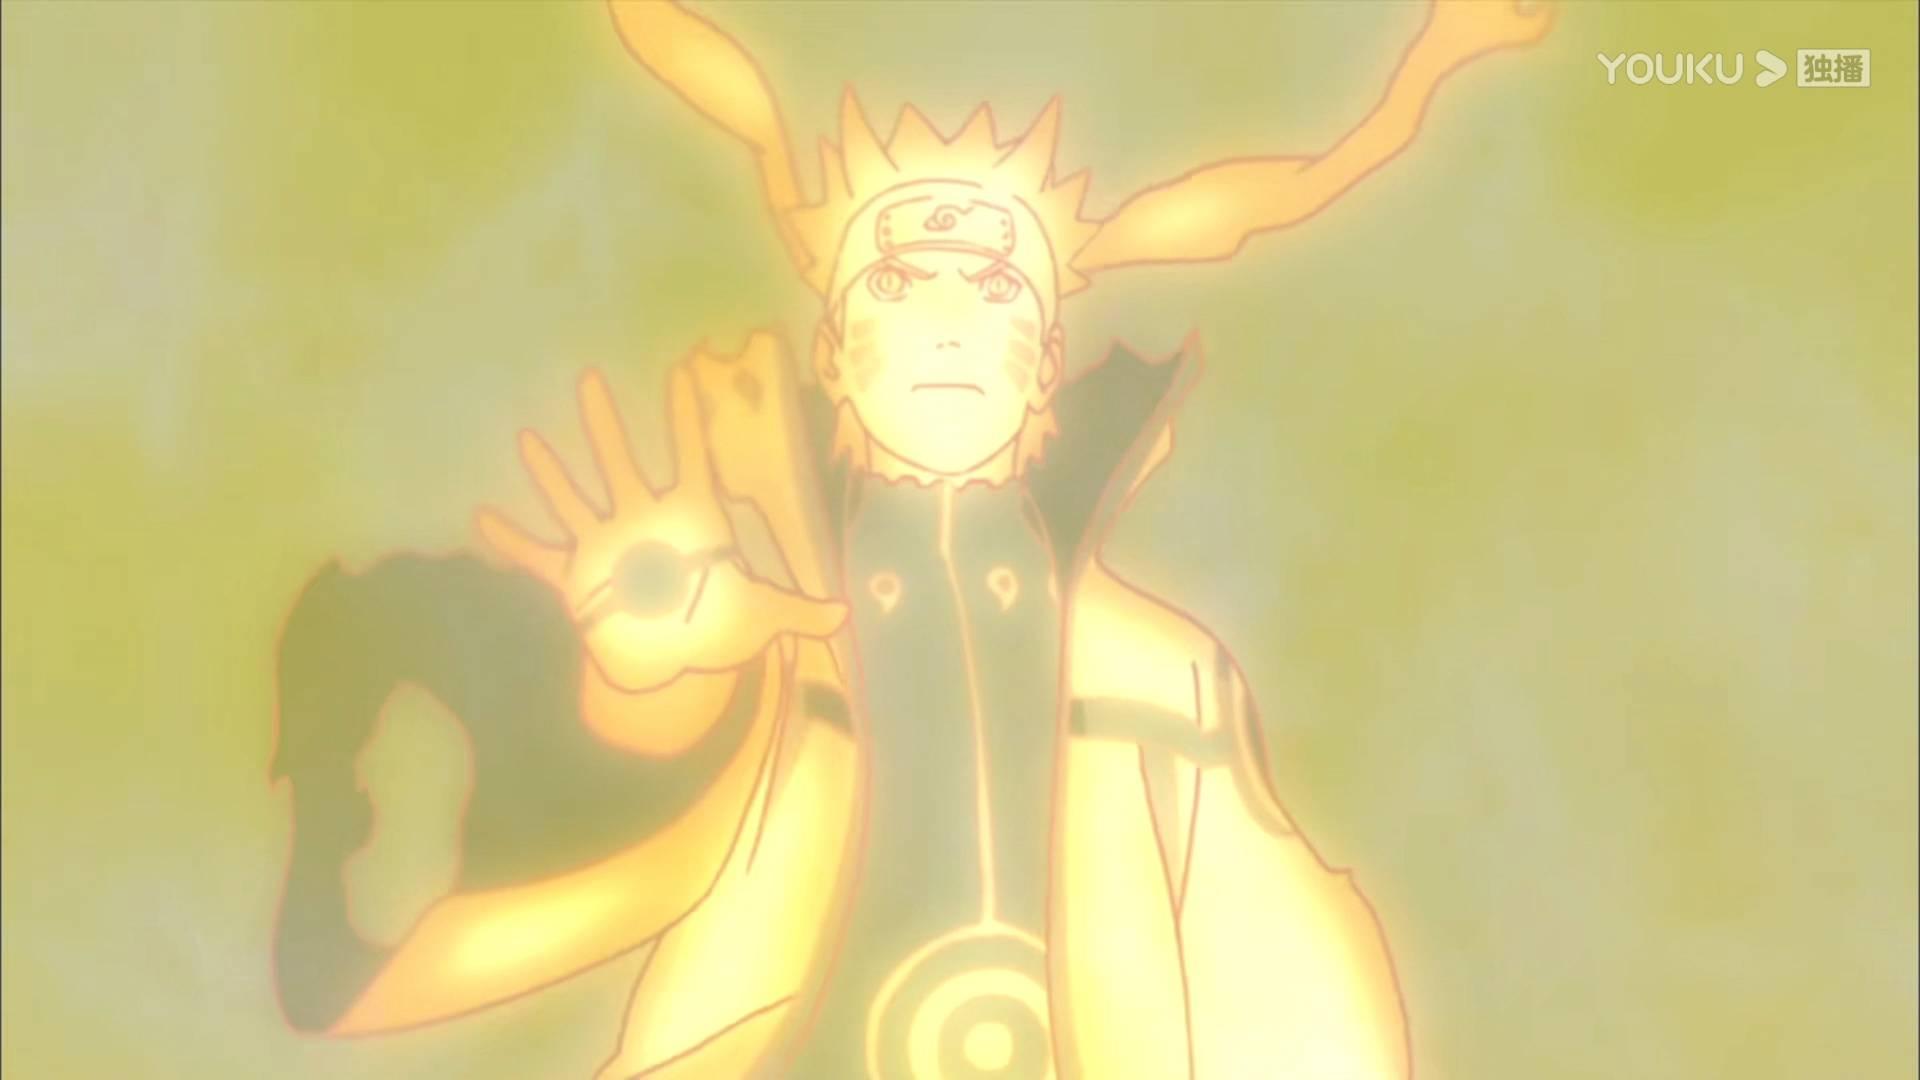 【火影忍者】【混剪高燃】最喜欢的一些片段——鸣人、凯、佐助、鼬